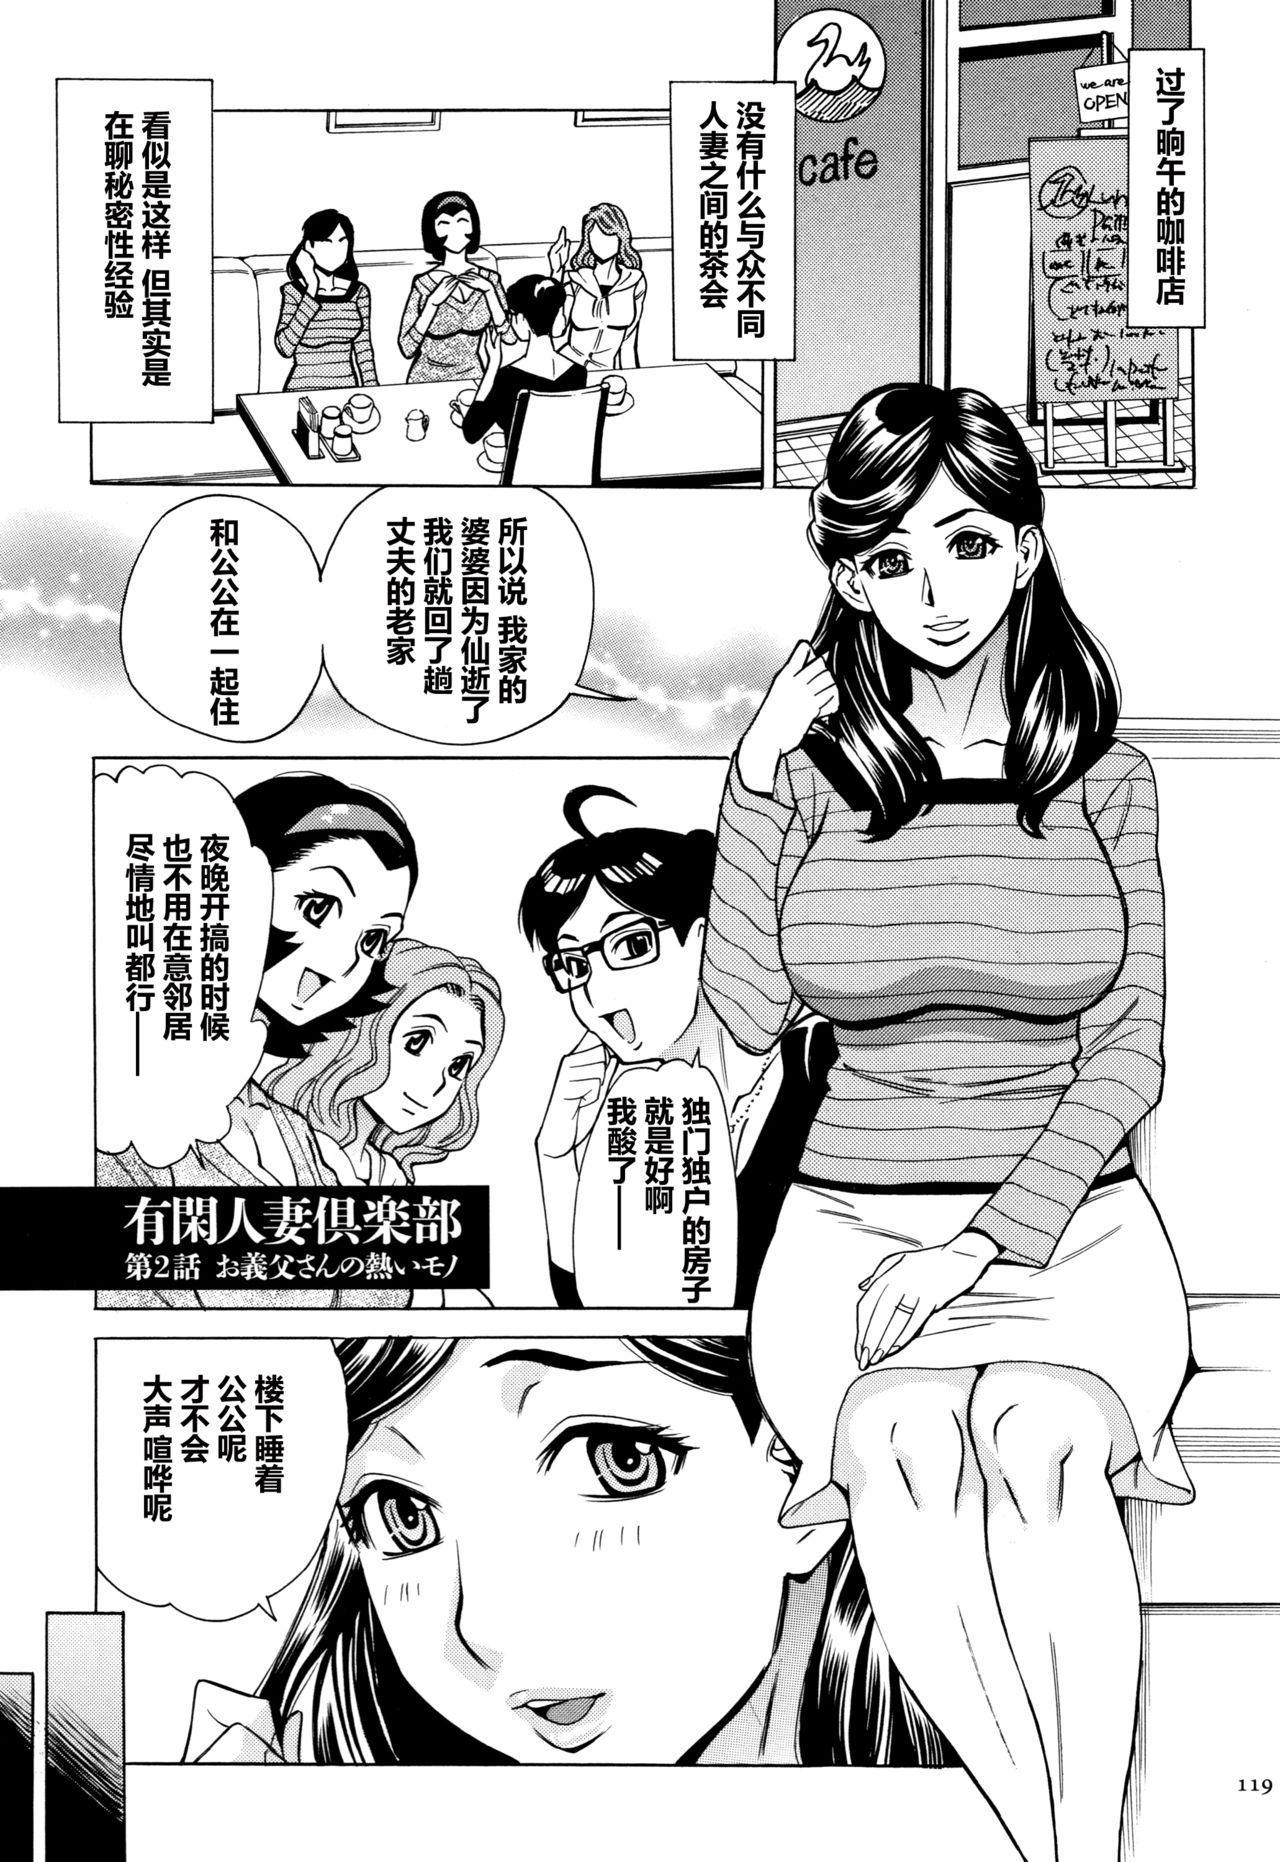 Oba-san dakedo, Daite Hoshii. 119